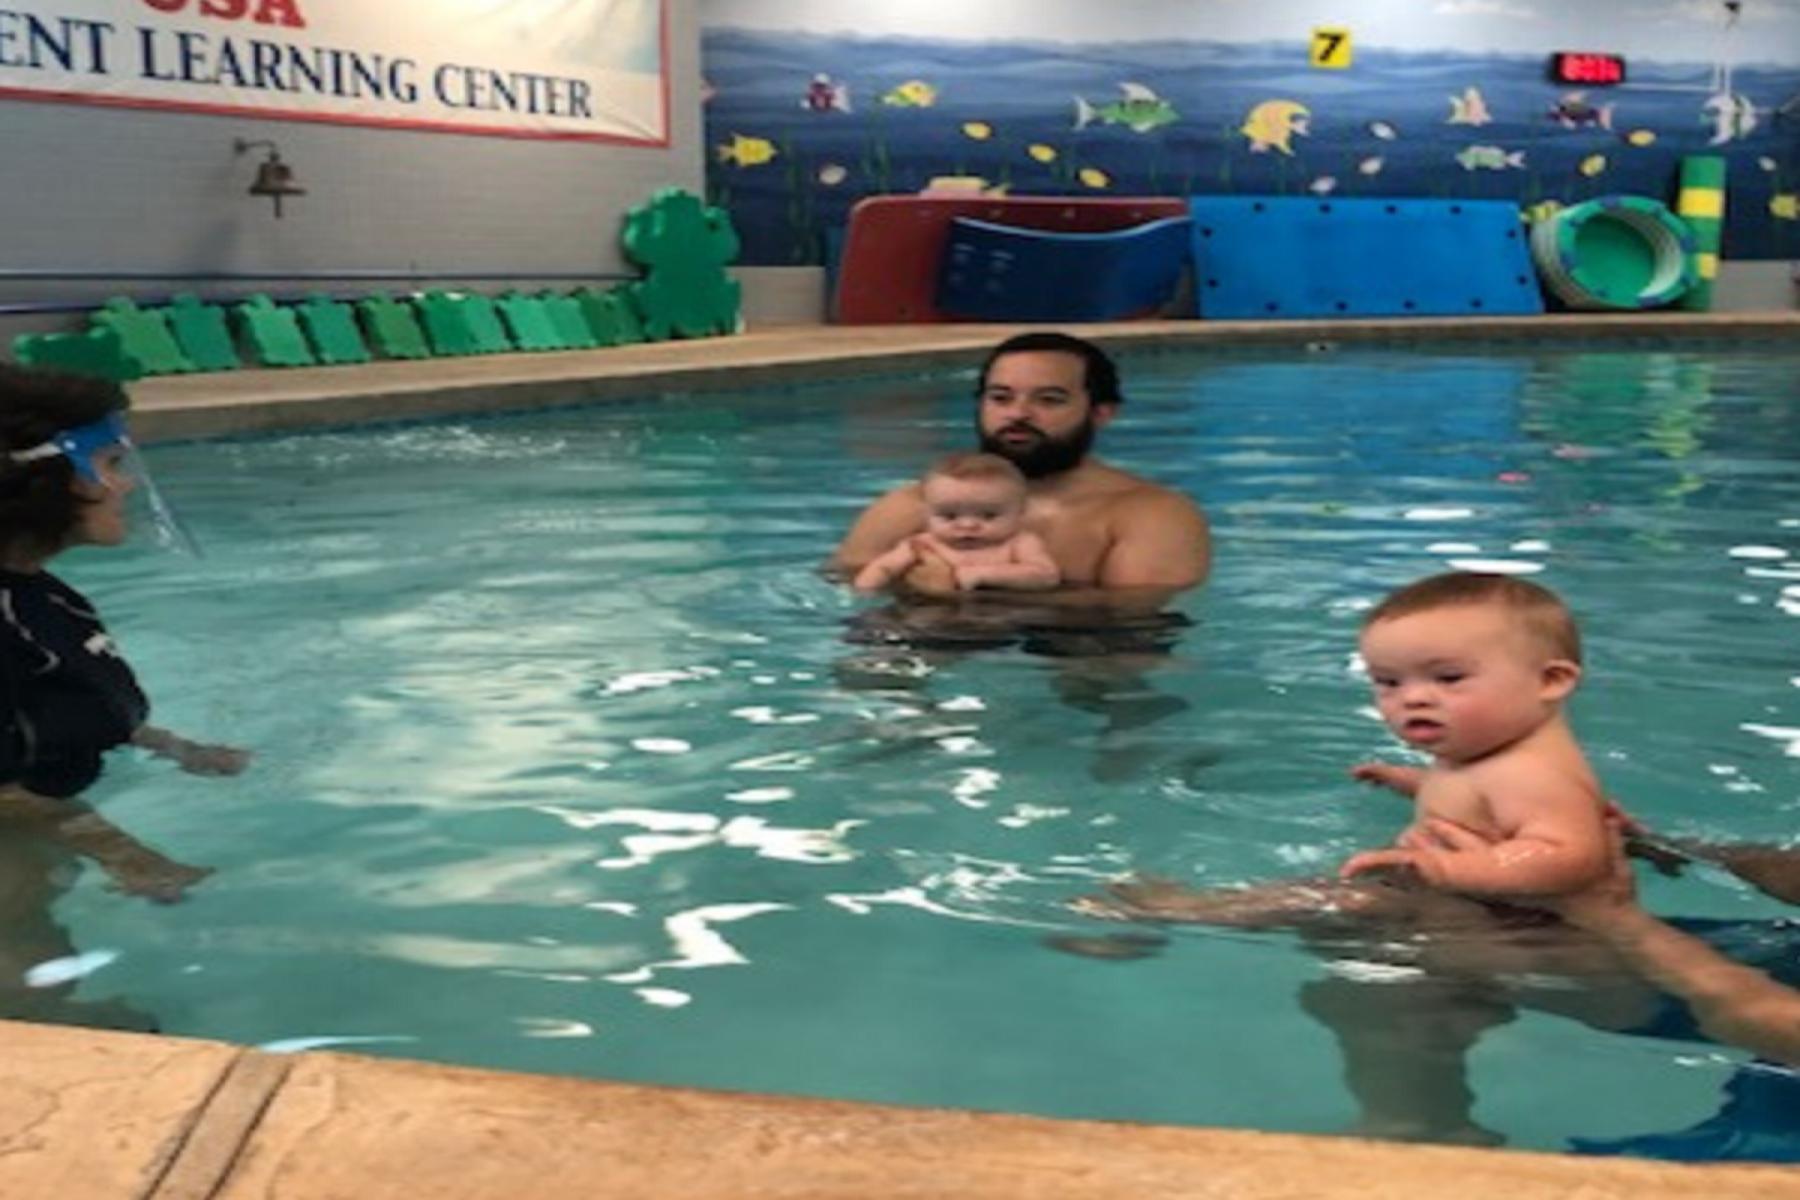 Πισίνα Παιδιά: Οι τυχαίοι πνιγμοί ανησυχούν καθώς η πανδημία ανέβαλε τα μαθήματα κολύμβησης